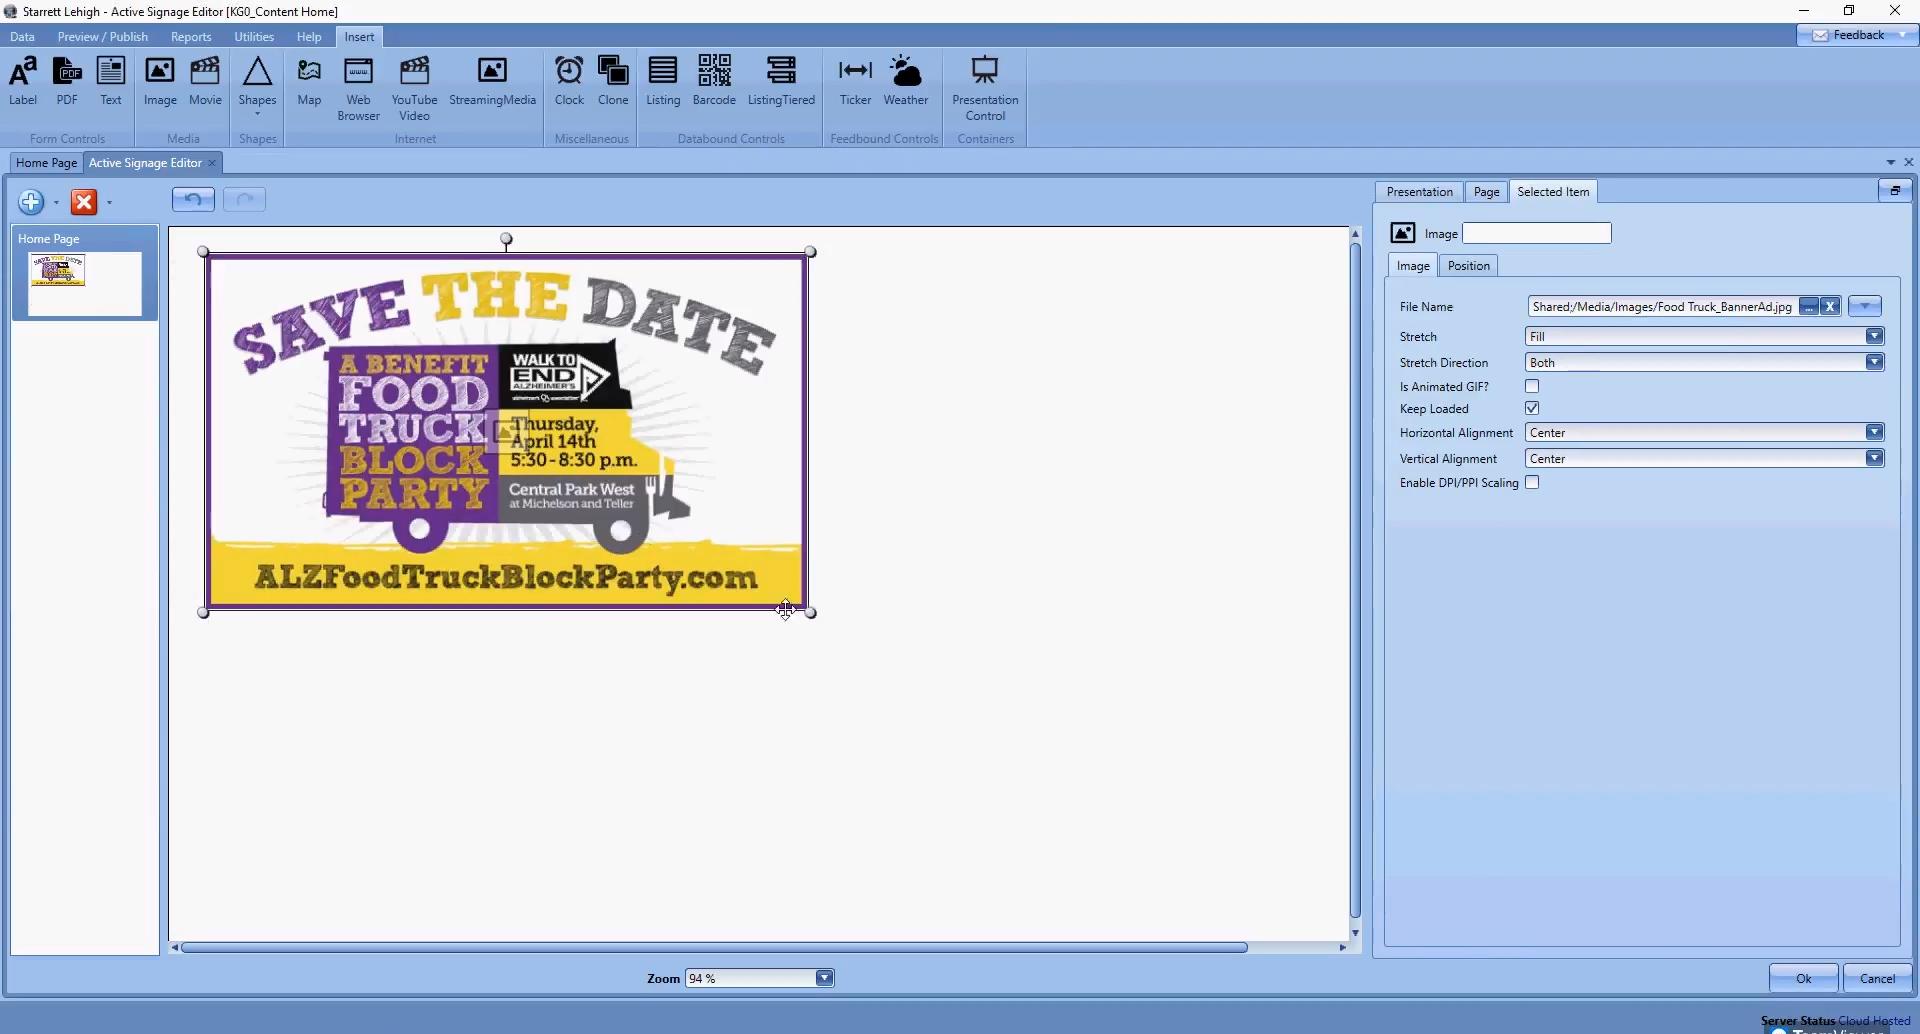 Navigo Digital Signage Software - 2